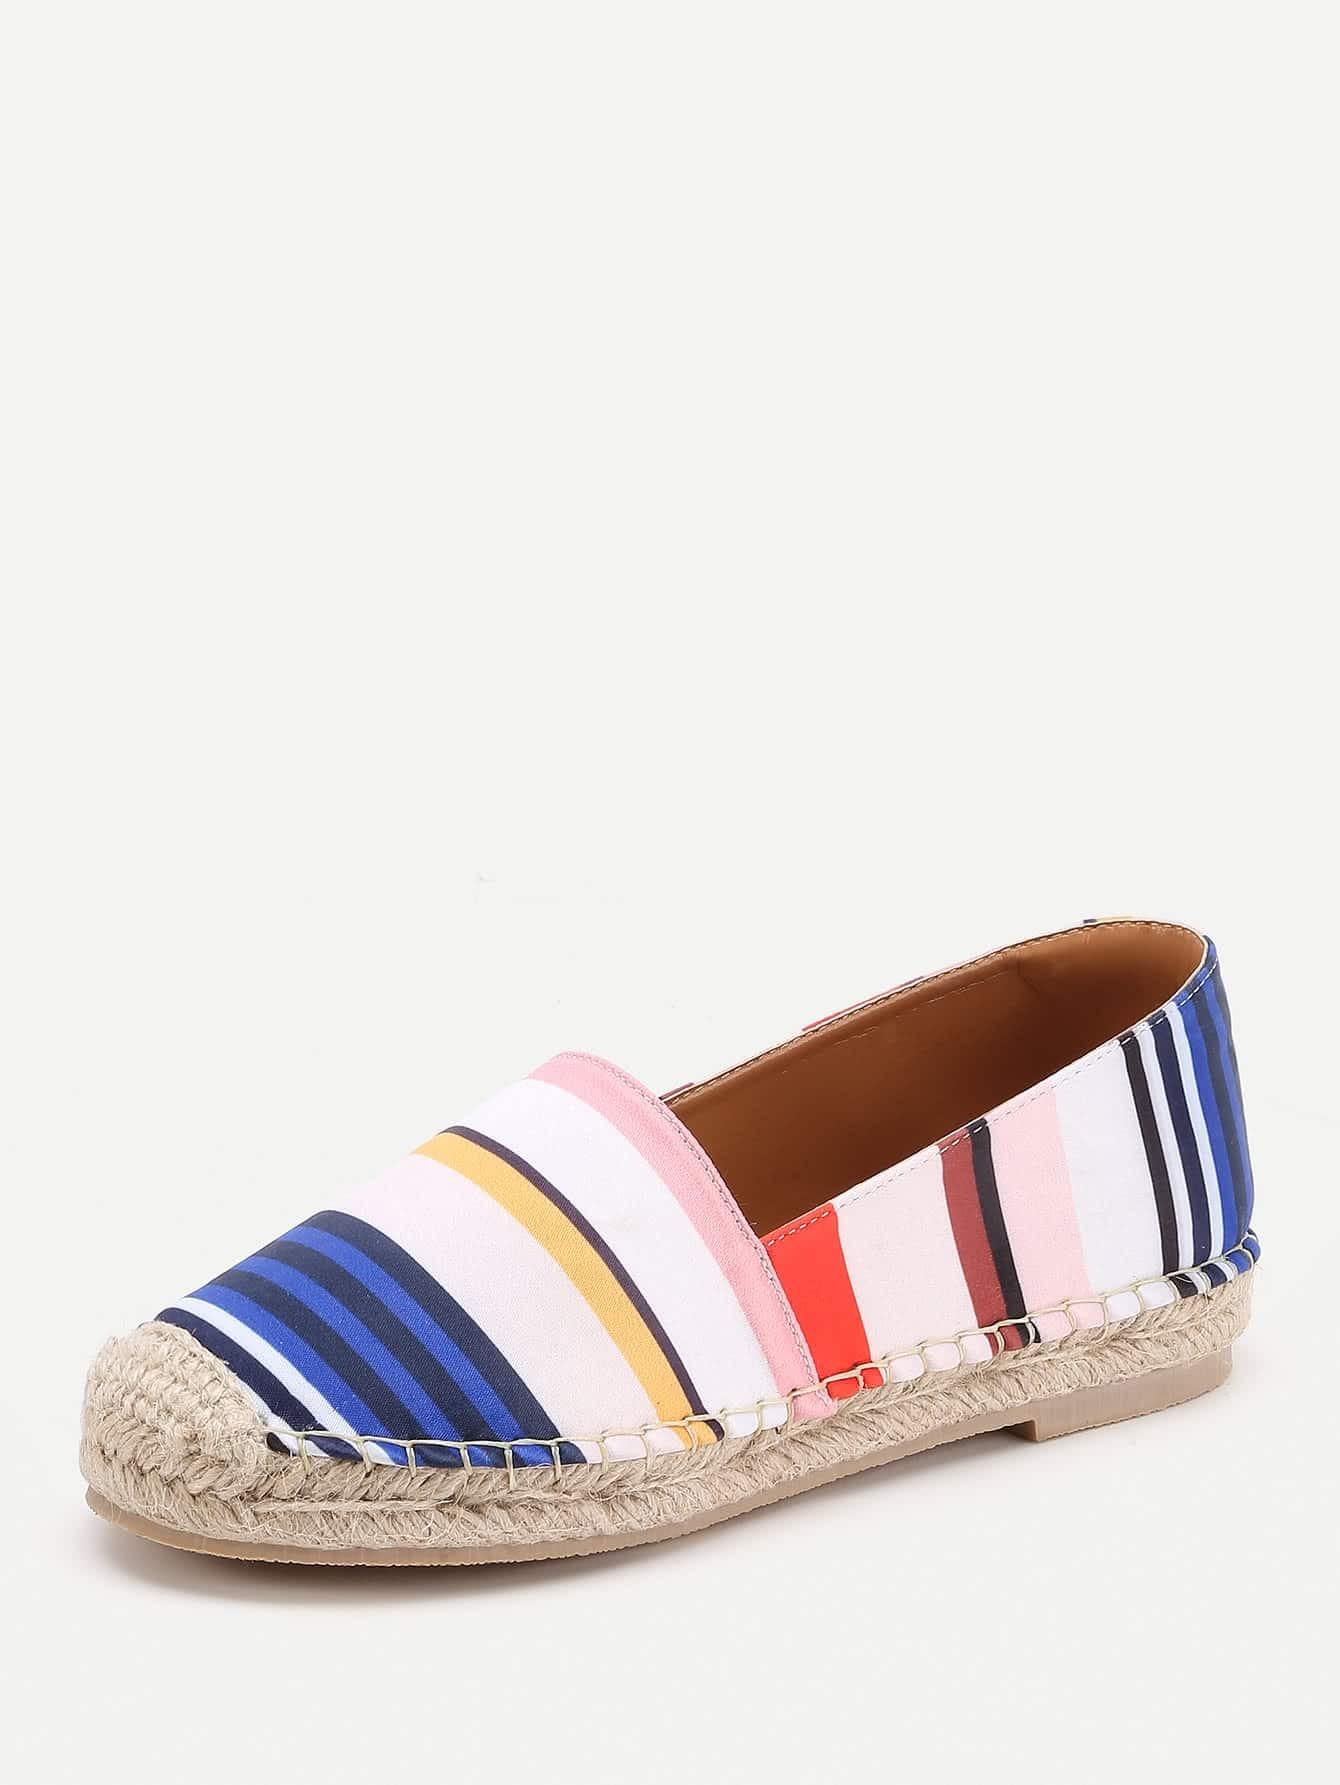 shoes170518826_2